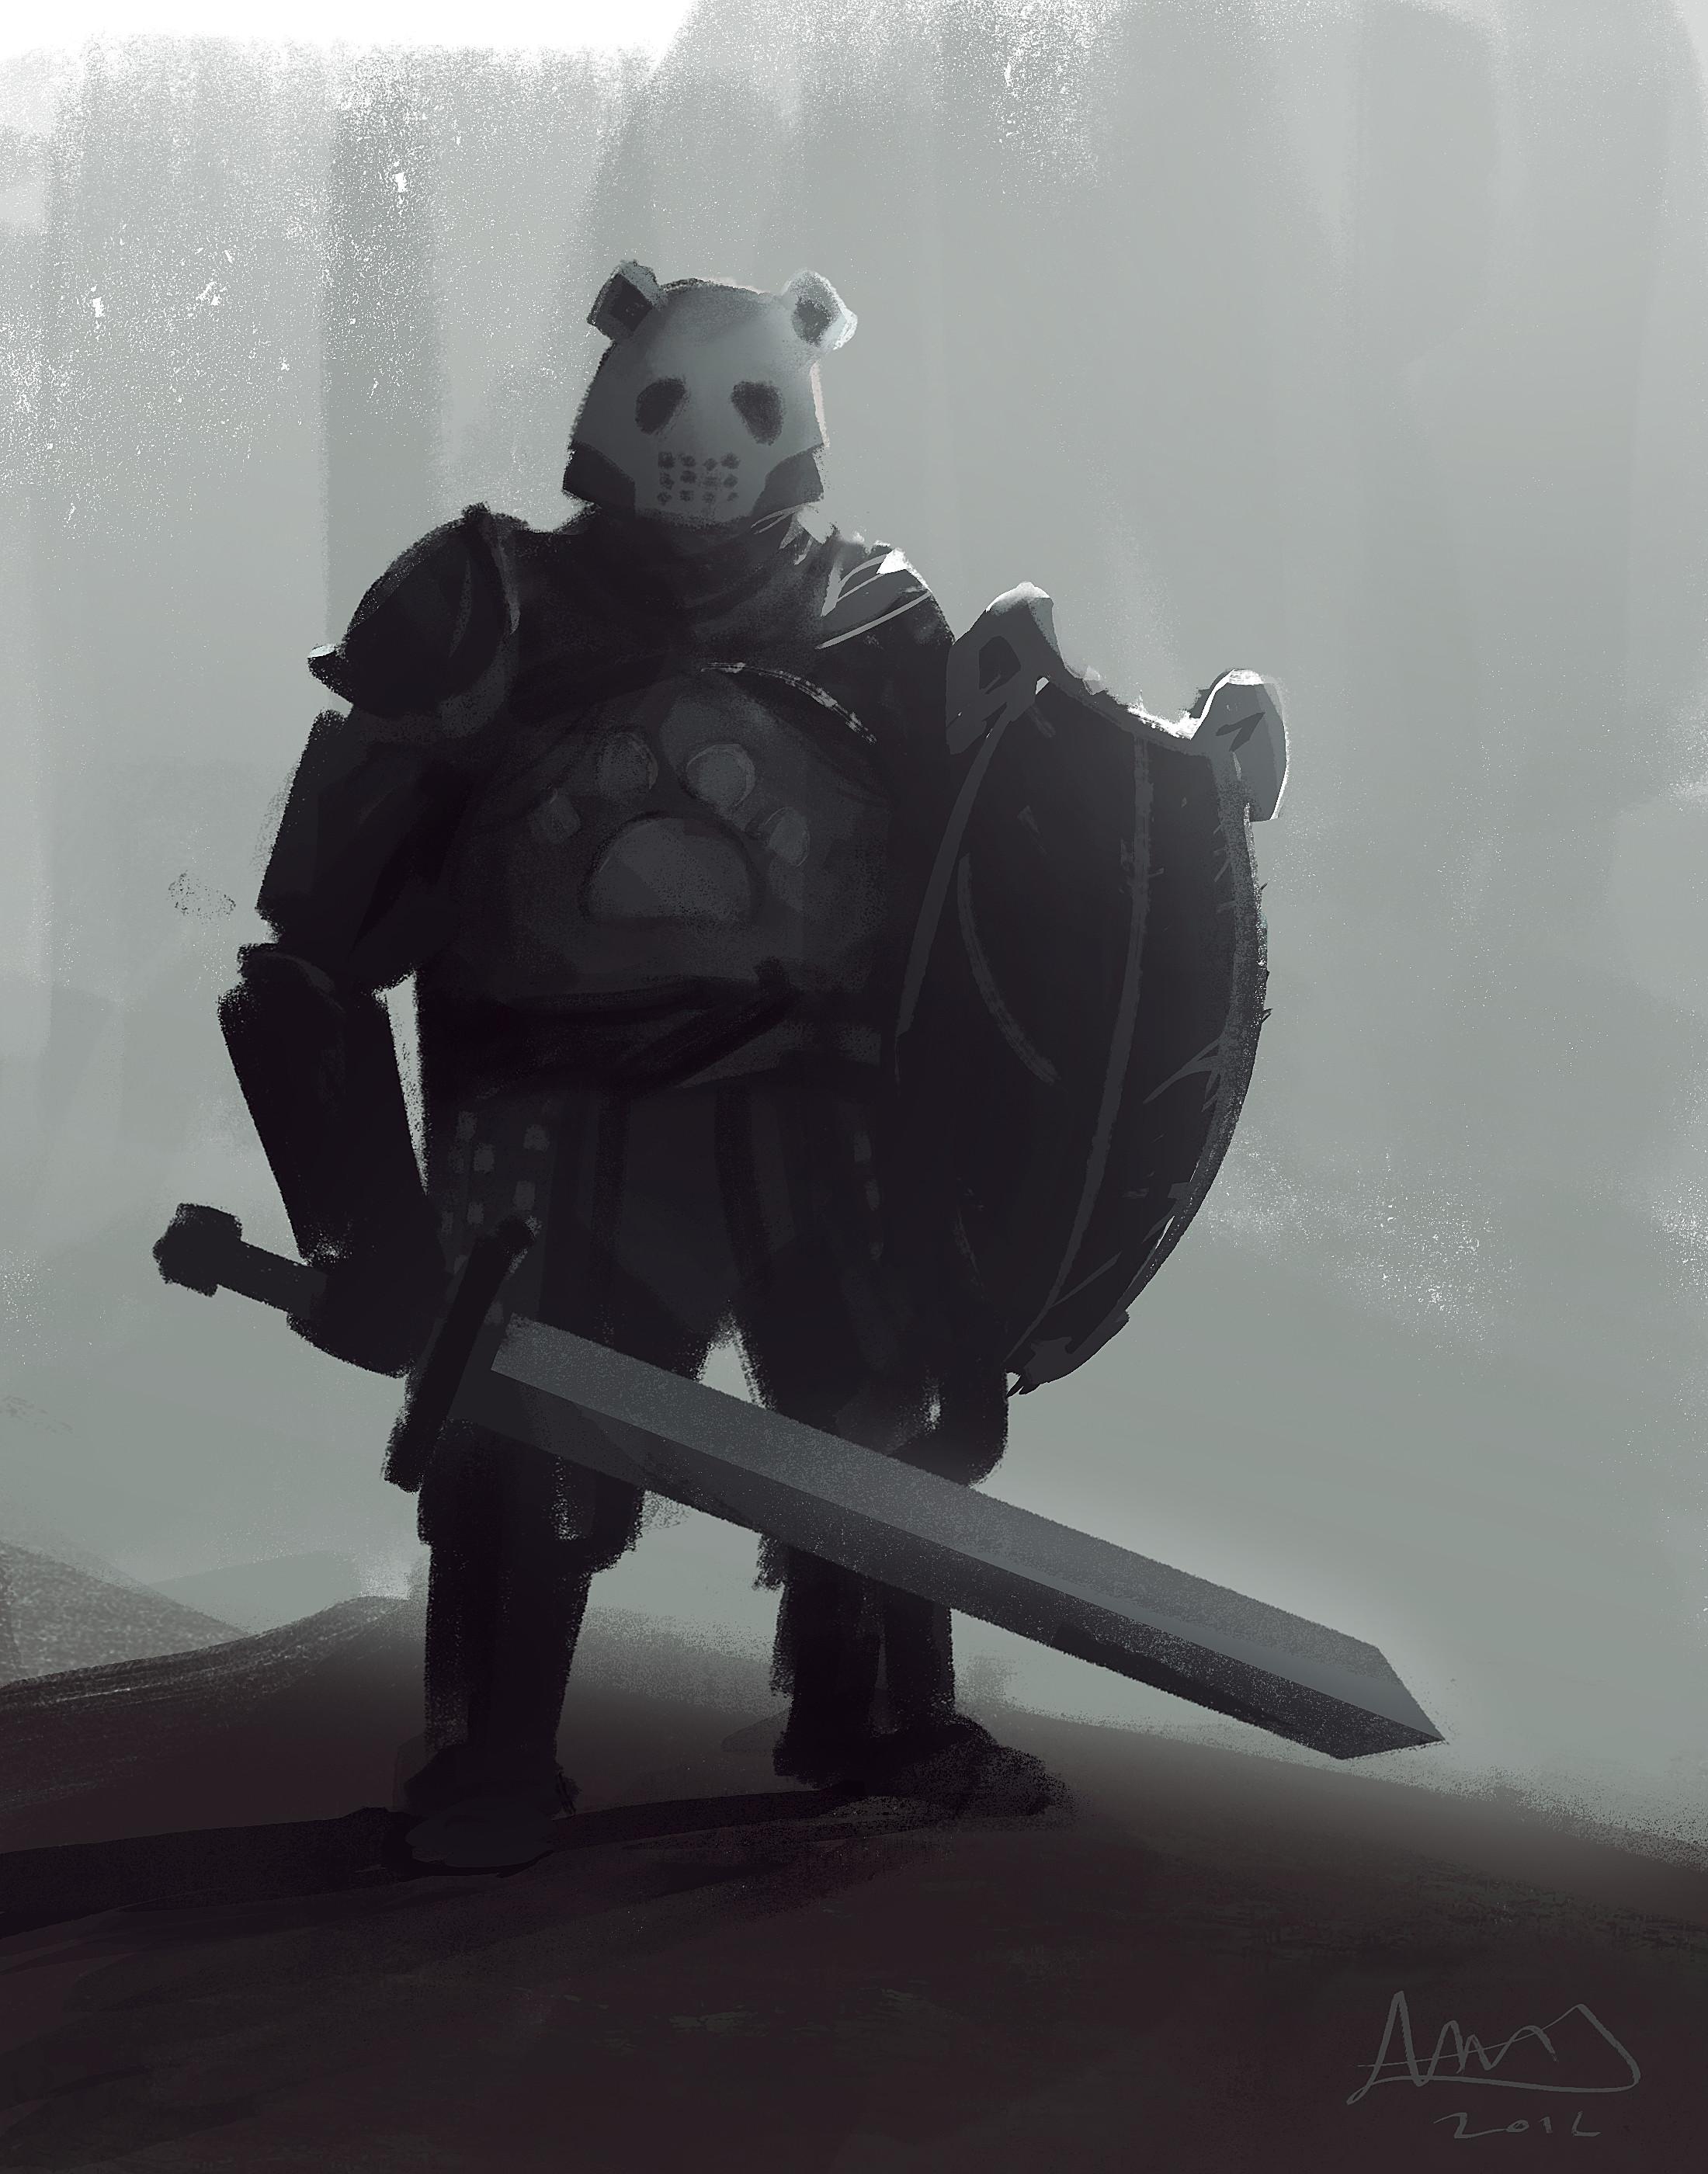 Panda Knight